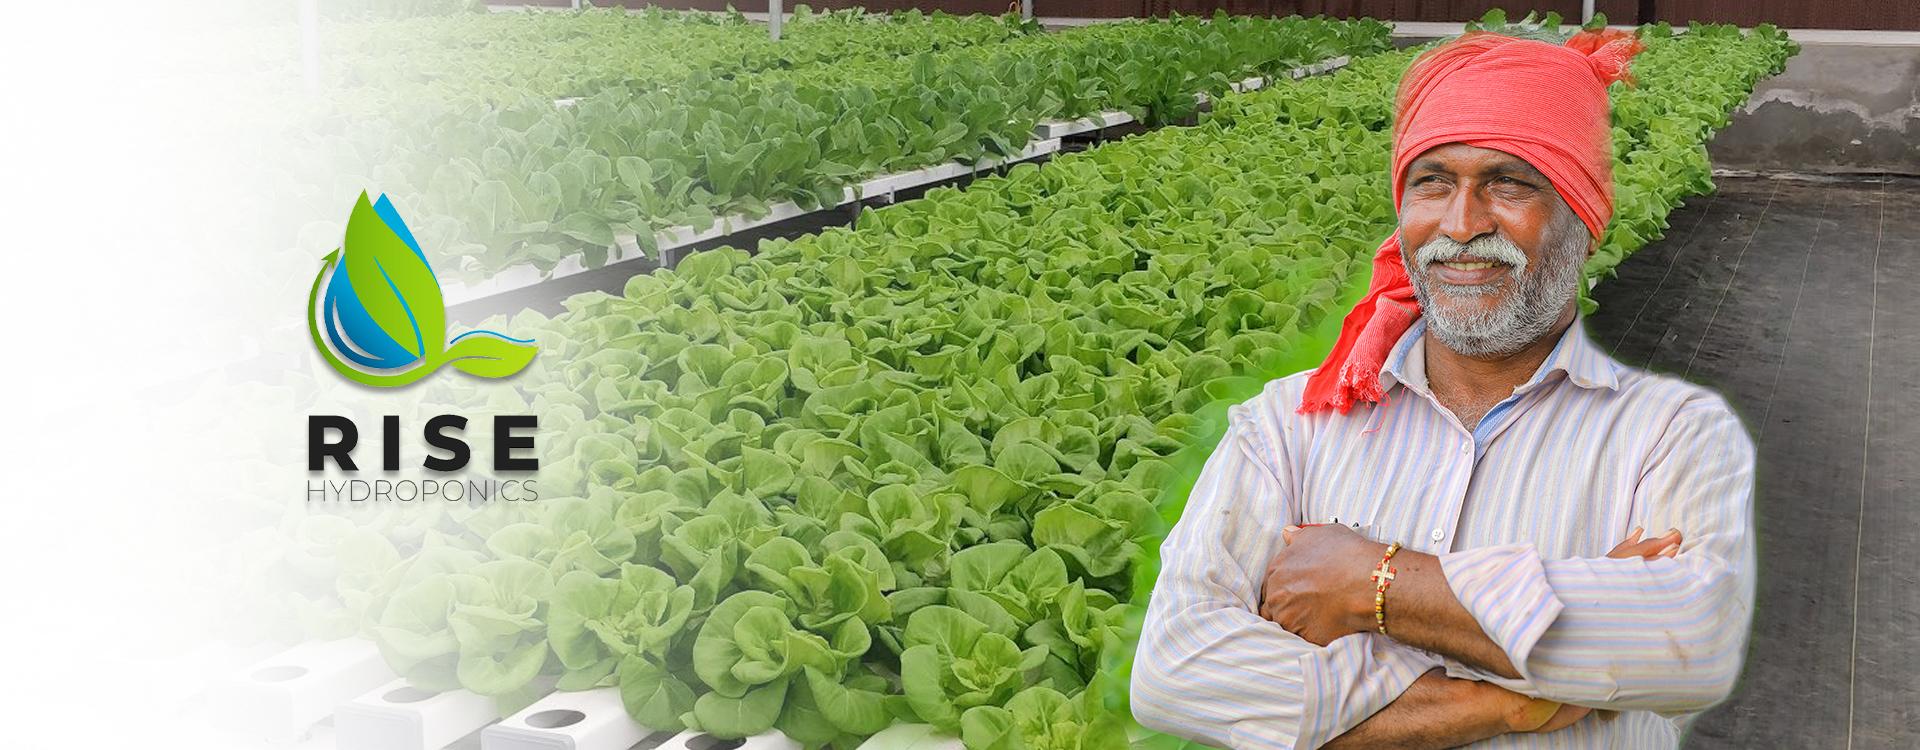 rise hydroponics